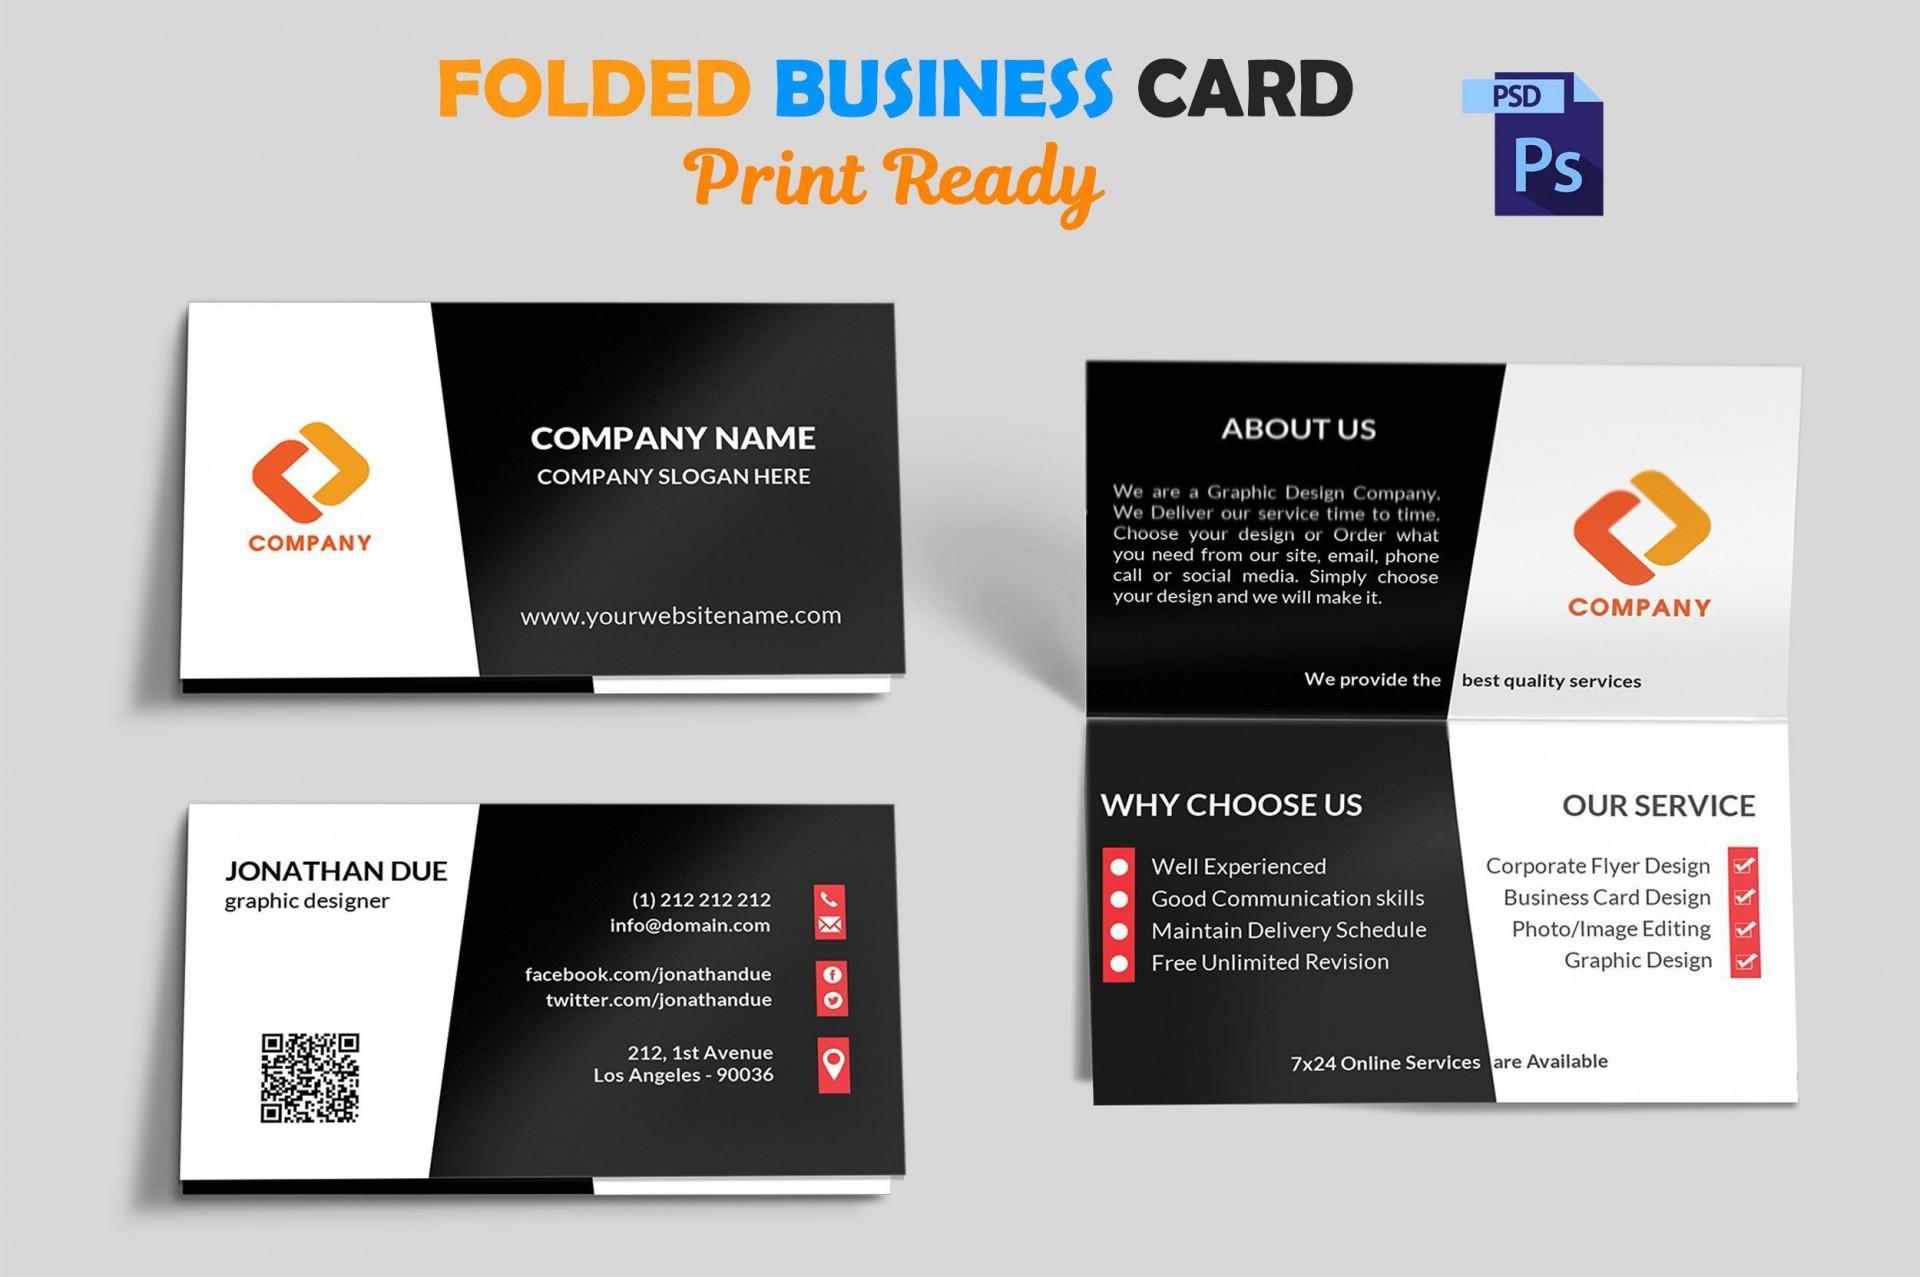 004 Fantastic Folding Busines Card Template Photo  Folded Photoshop Ai Free1920